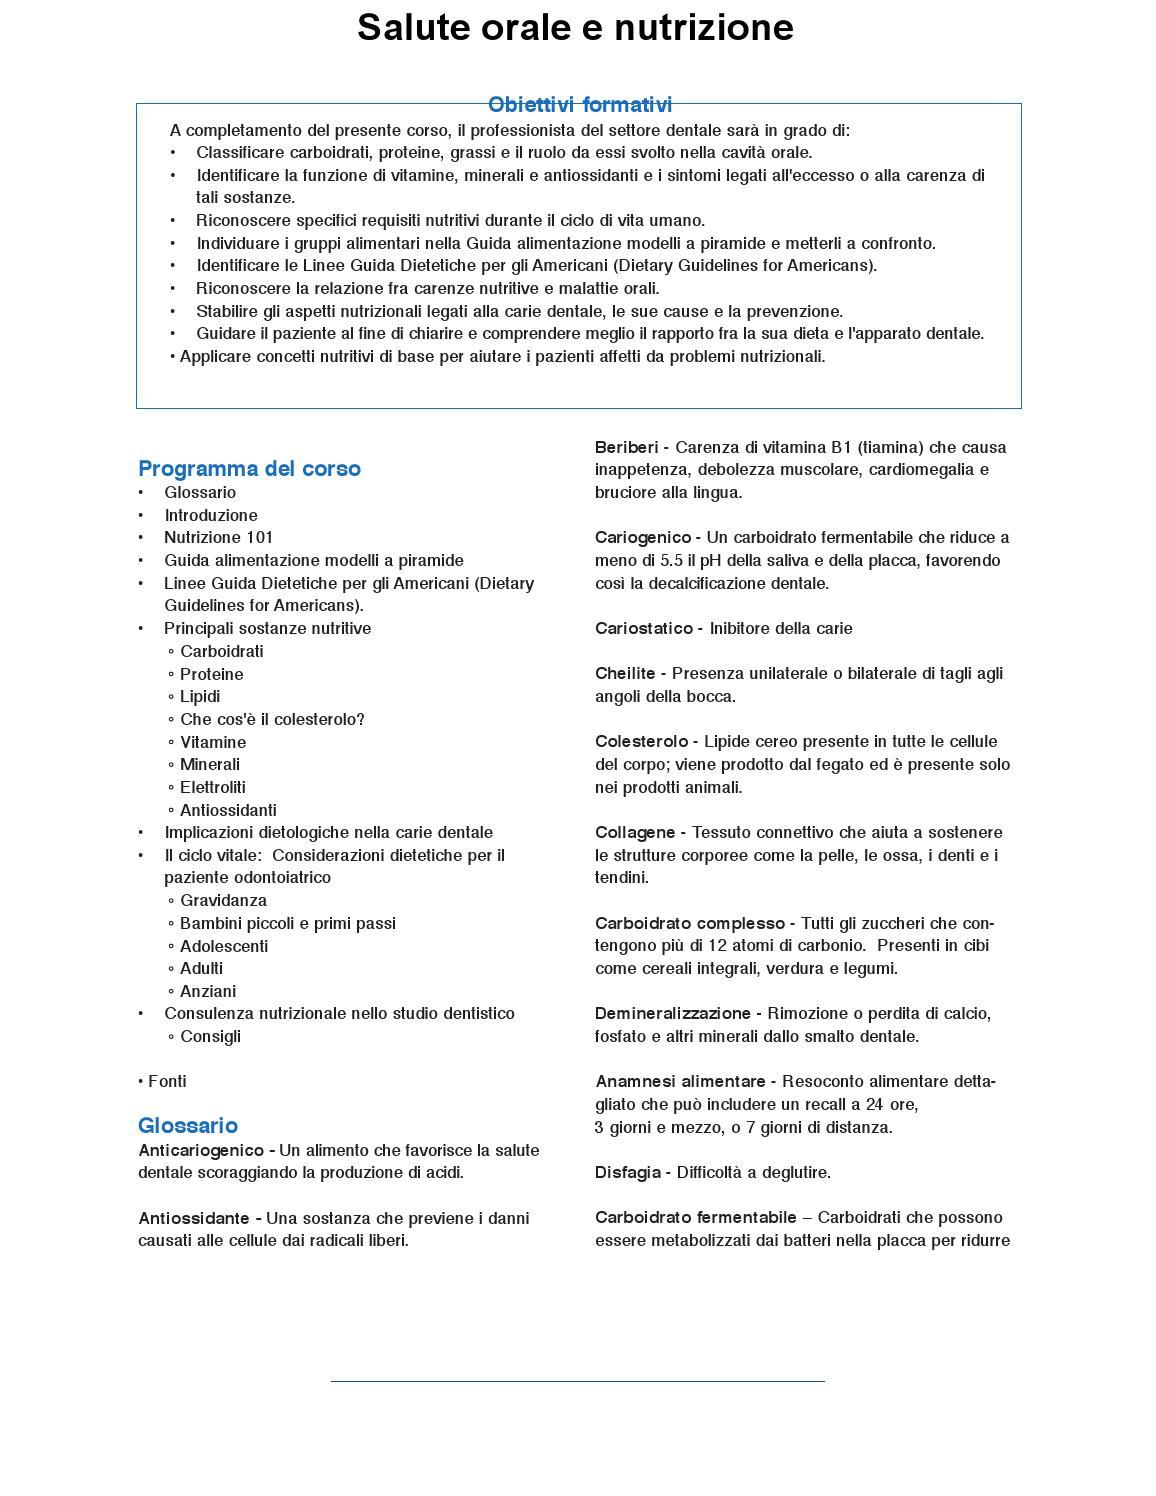 Salute Orale E Nutrizione Materiale Didattico By Odontofad Issuu